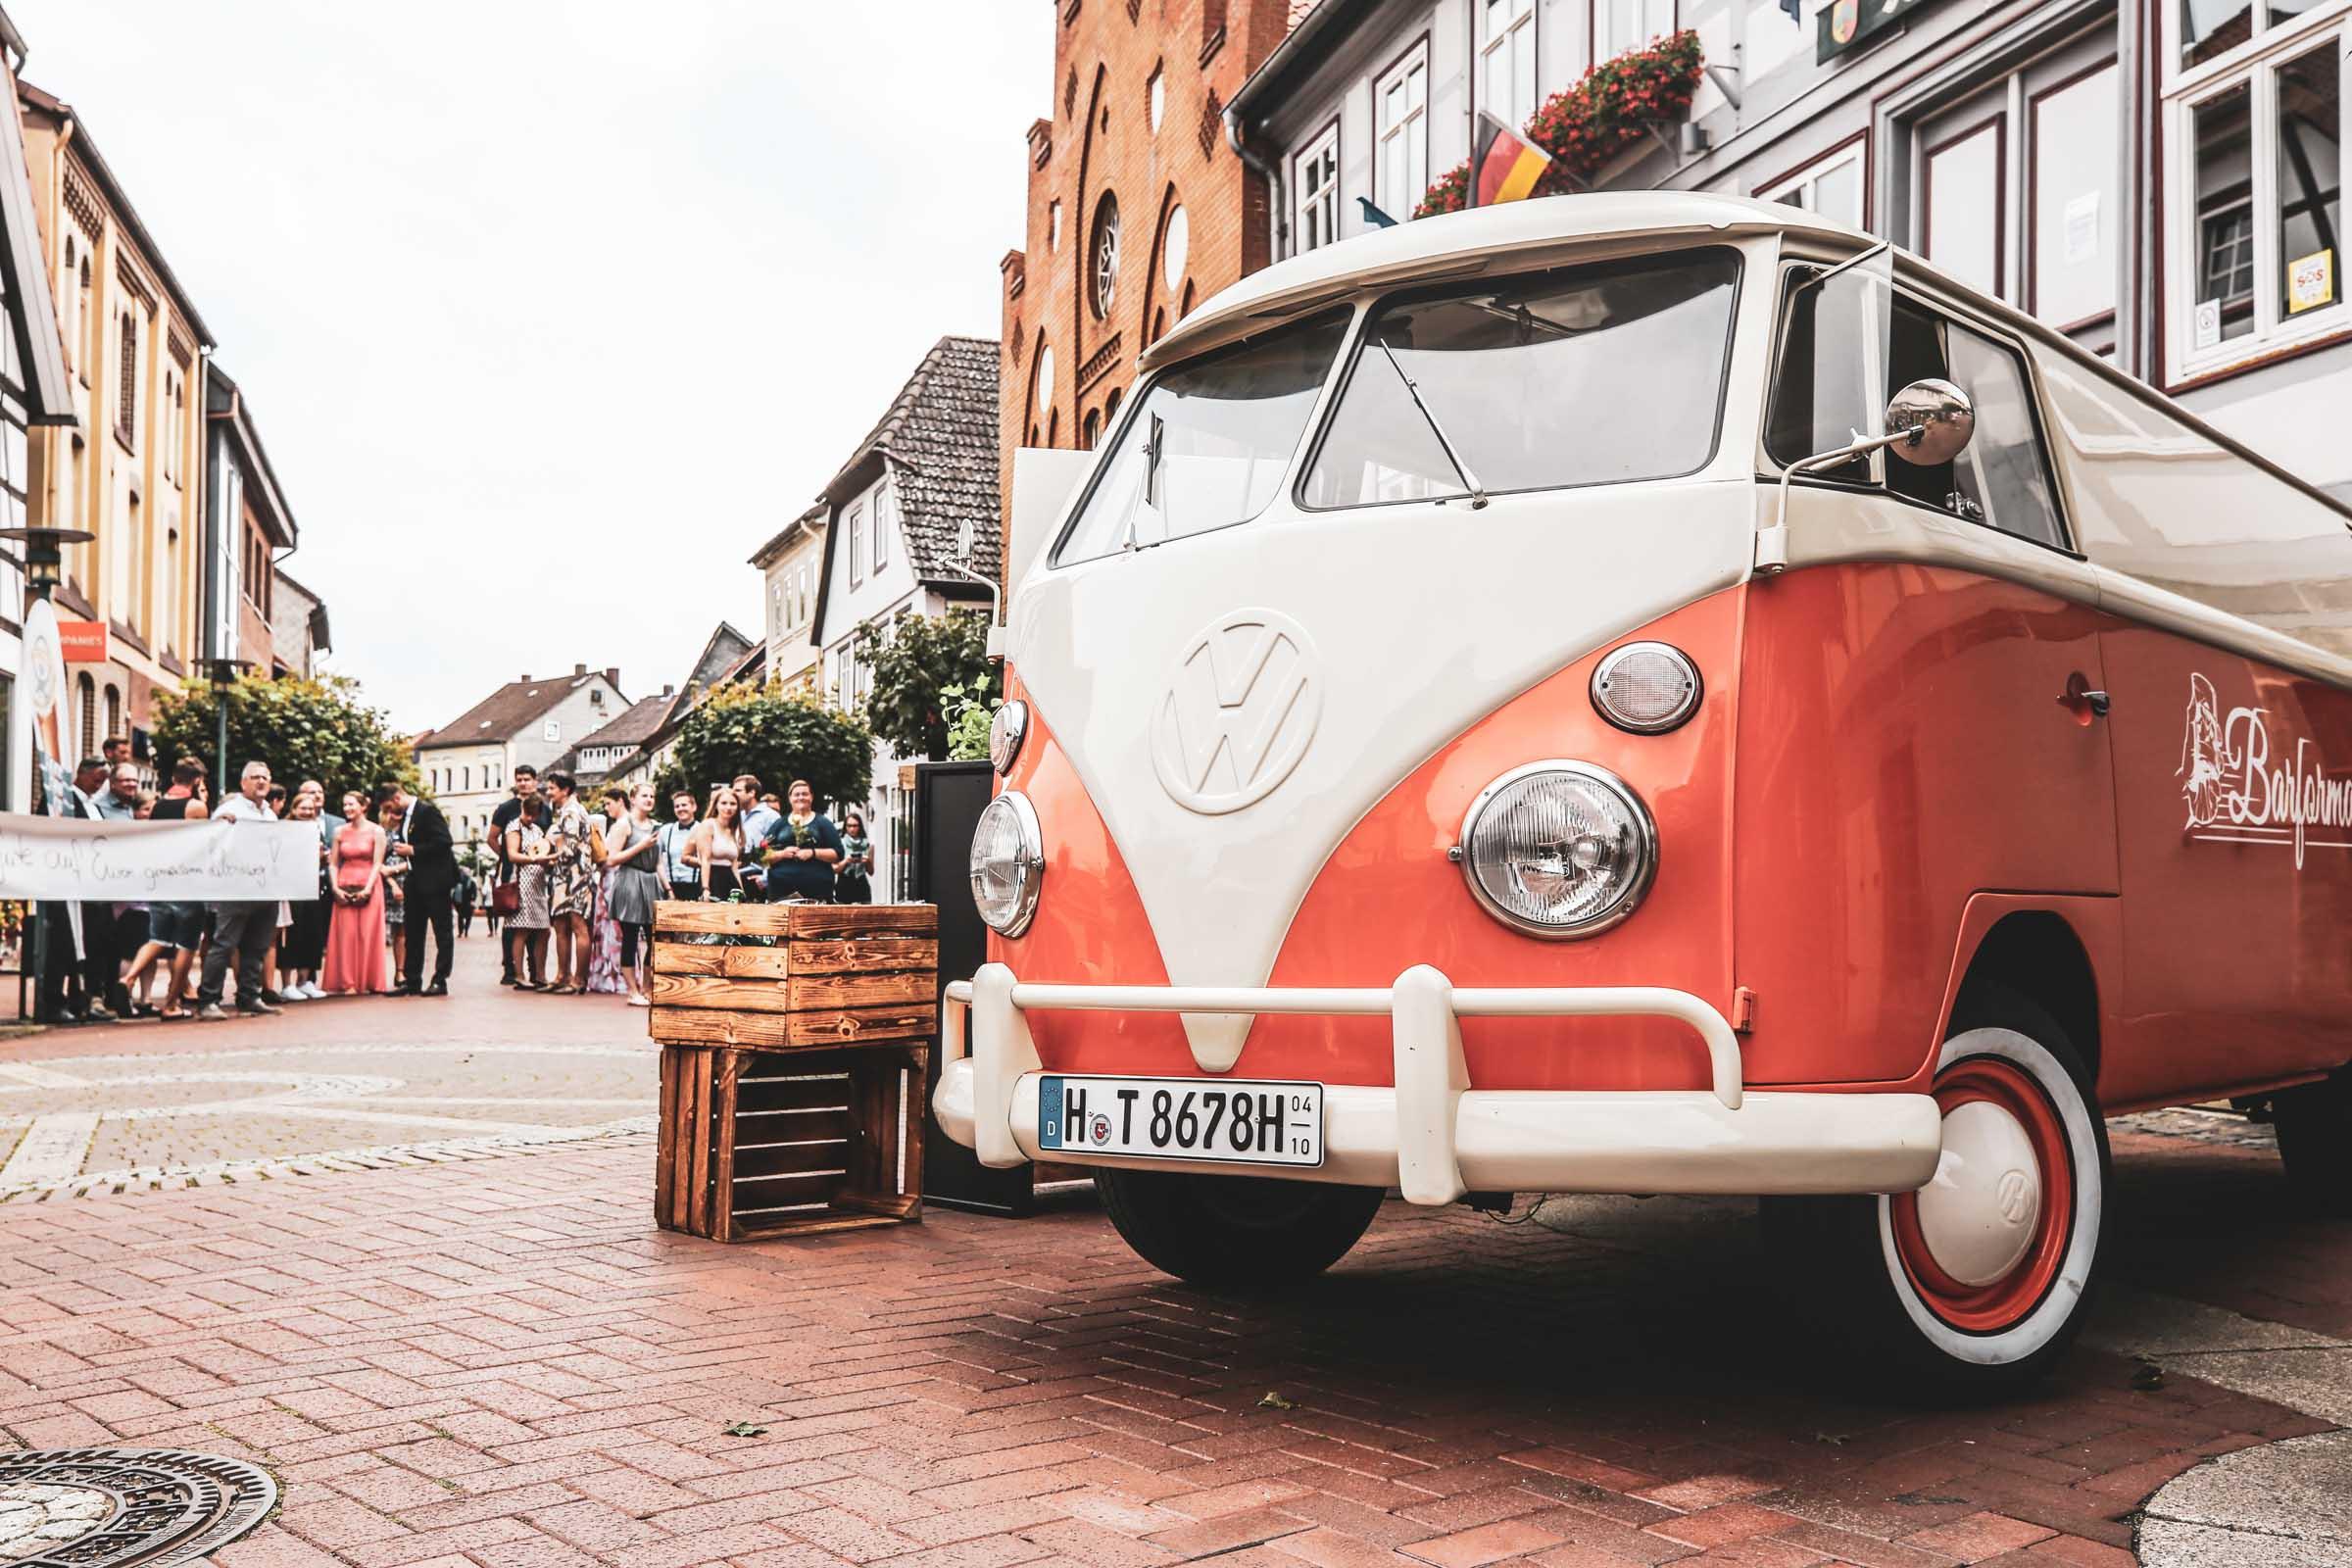 Cocktailservice | Hannover | Mobile | Bar | Bulli | VW | Barformat | Hochzeit | Barkeeper | Getränke | Catering | Cocktails | Ginbar | Weinbar | Sektbar | Buchen | Mieten | Anfragen